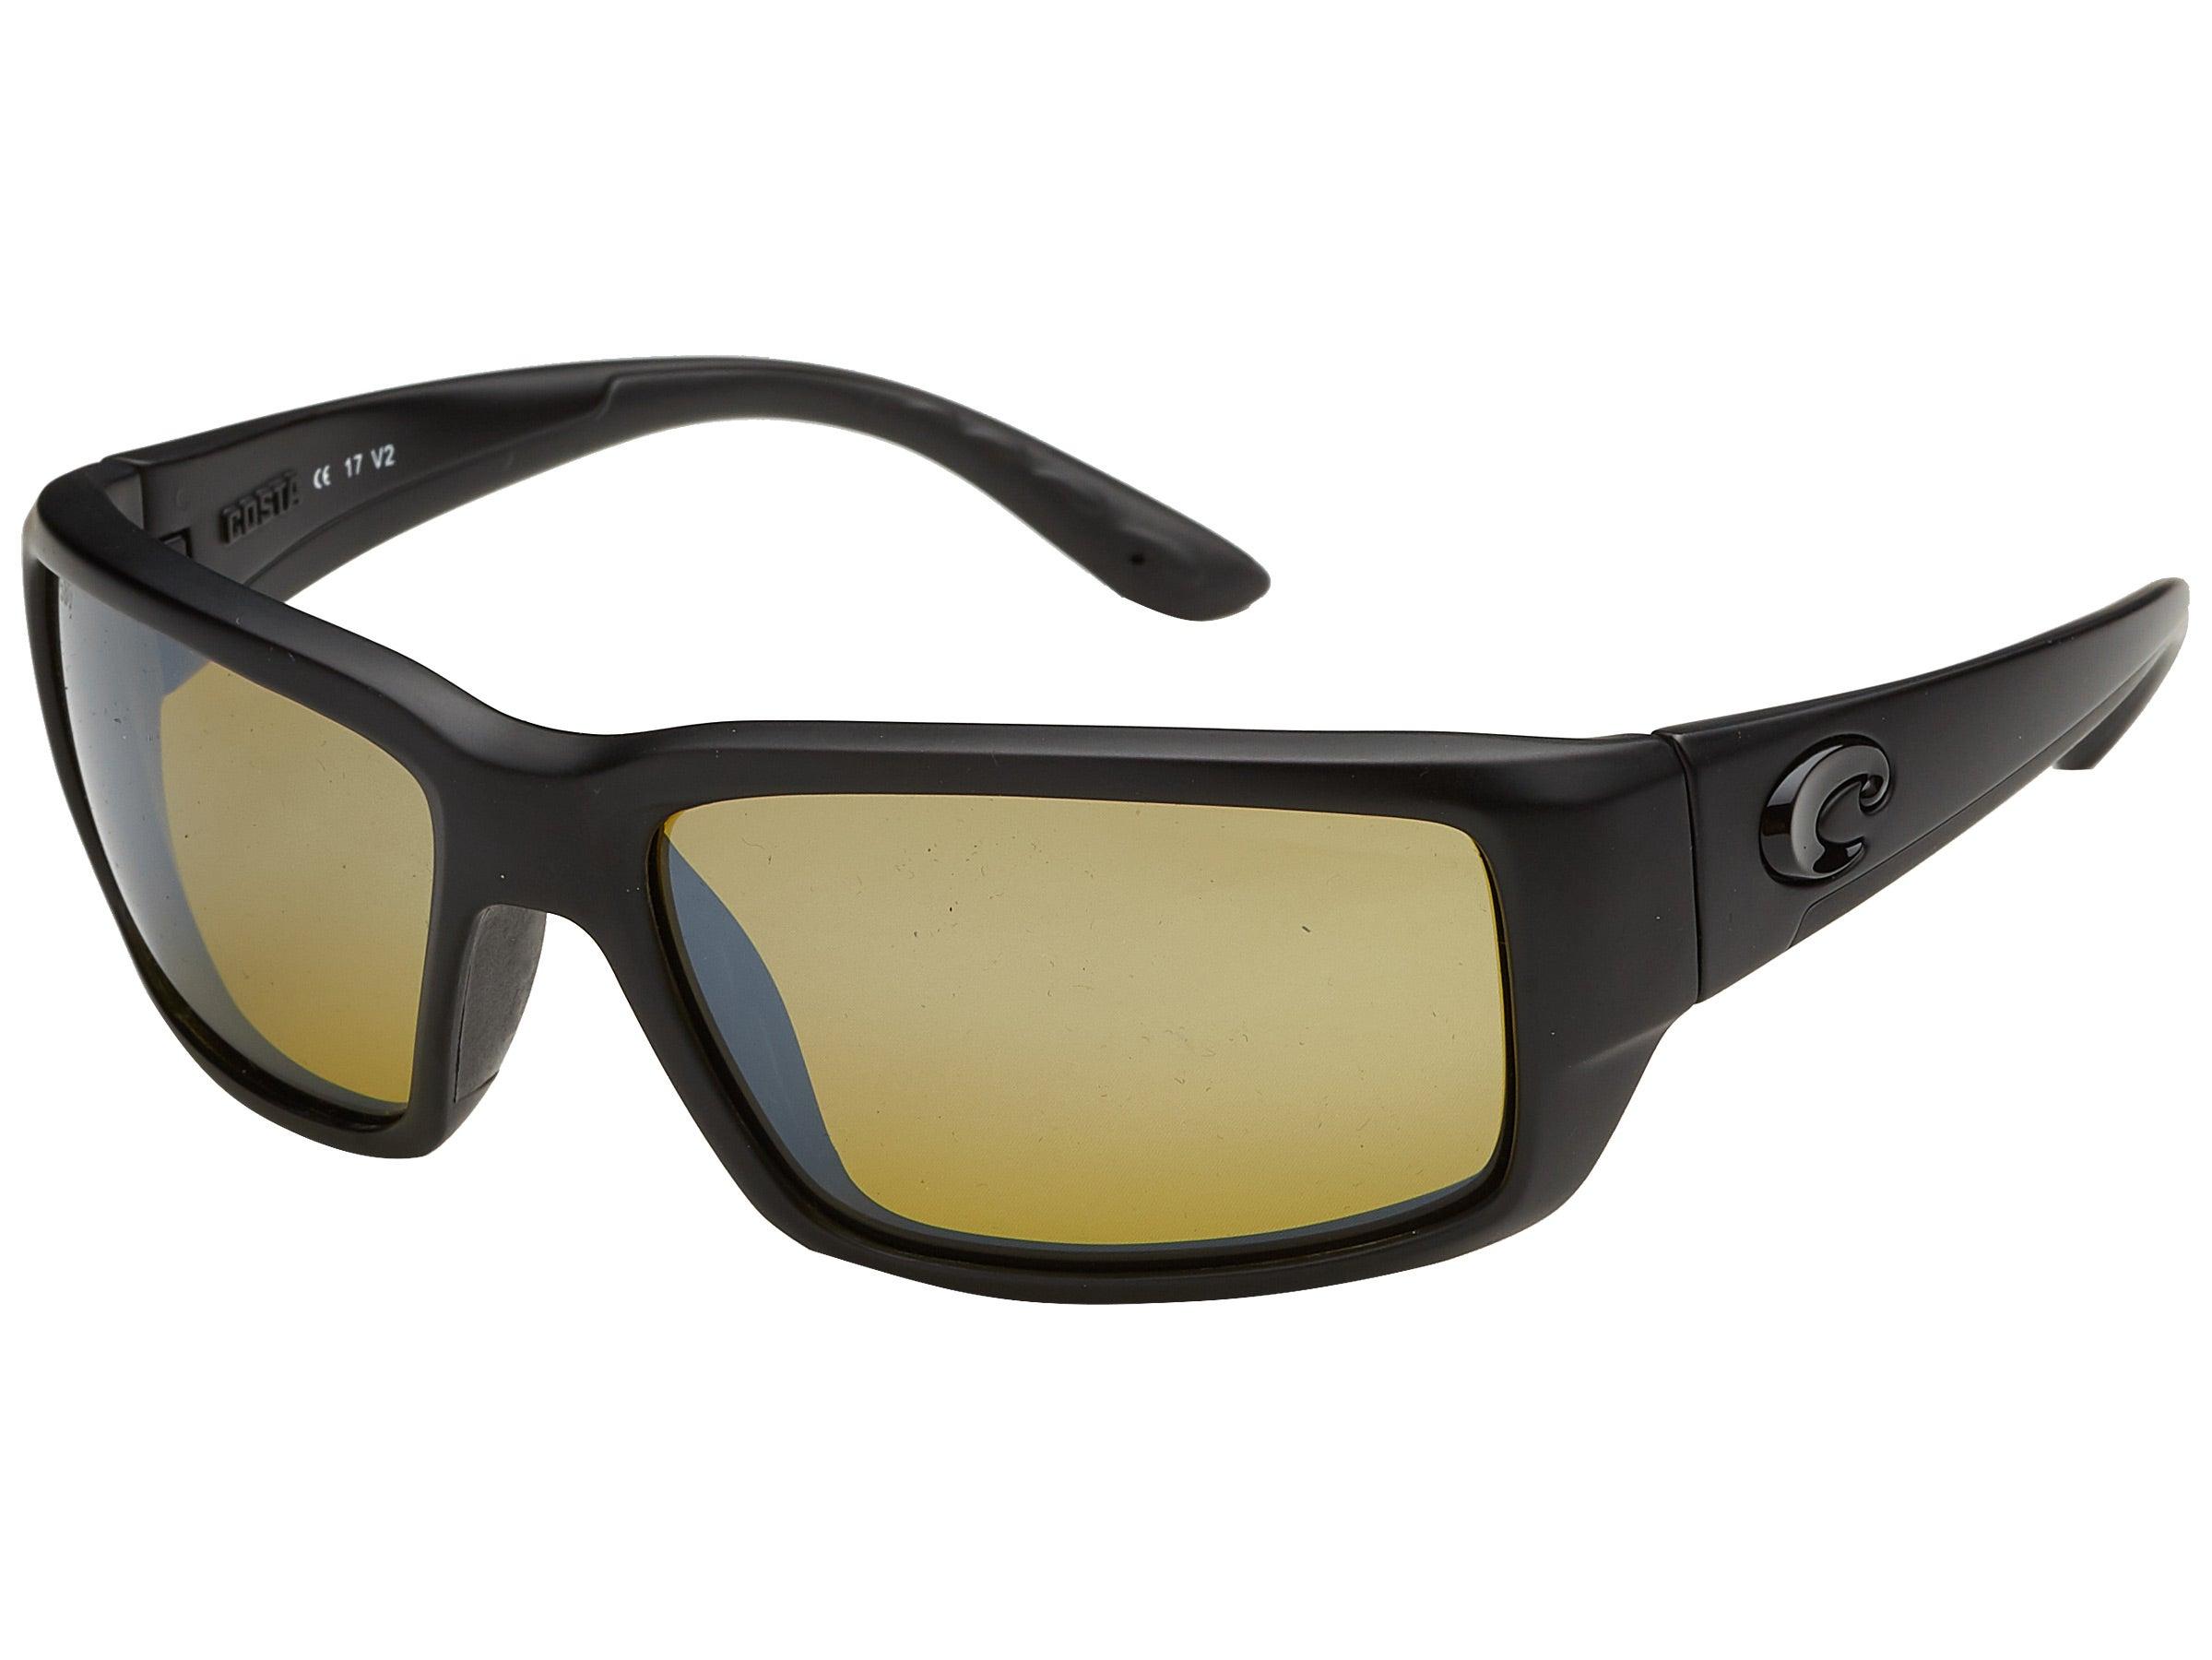 f4eb4b244f24 Costa Del Mar Fantail Sunglasses - Tackle Warehouse